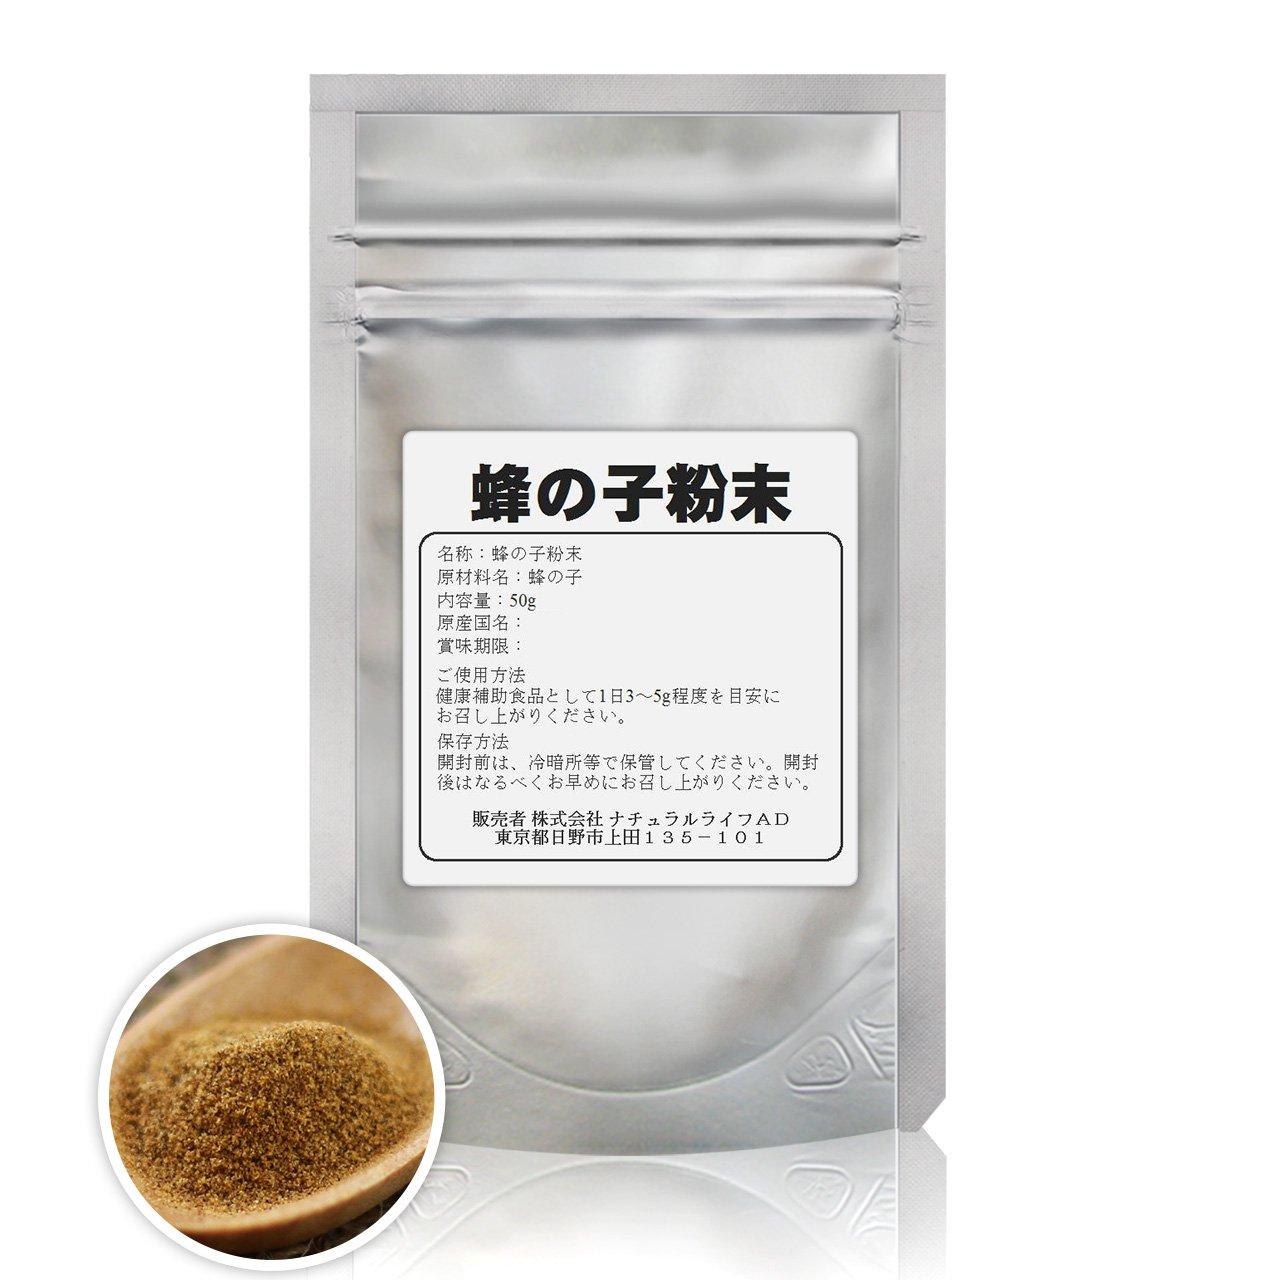 蜂の子粉末[50g]天然ピュア原料(無添加) 健康食品(はちのこ,ハチノコ,はちの子,ハチノ子) B003SWLRSG